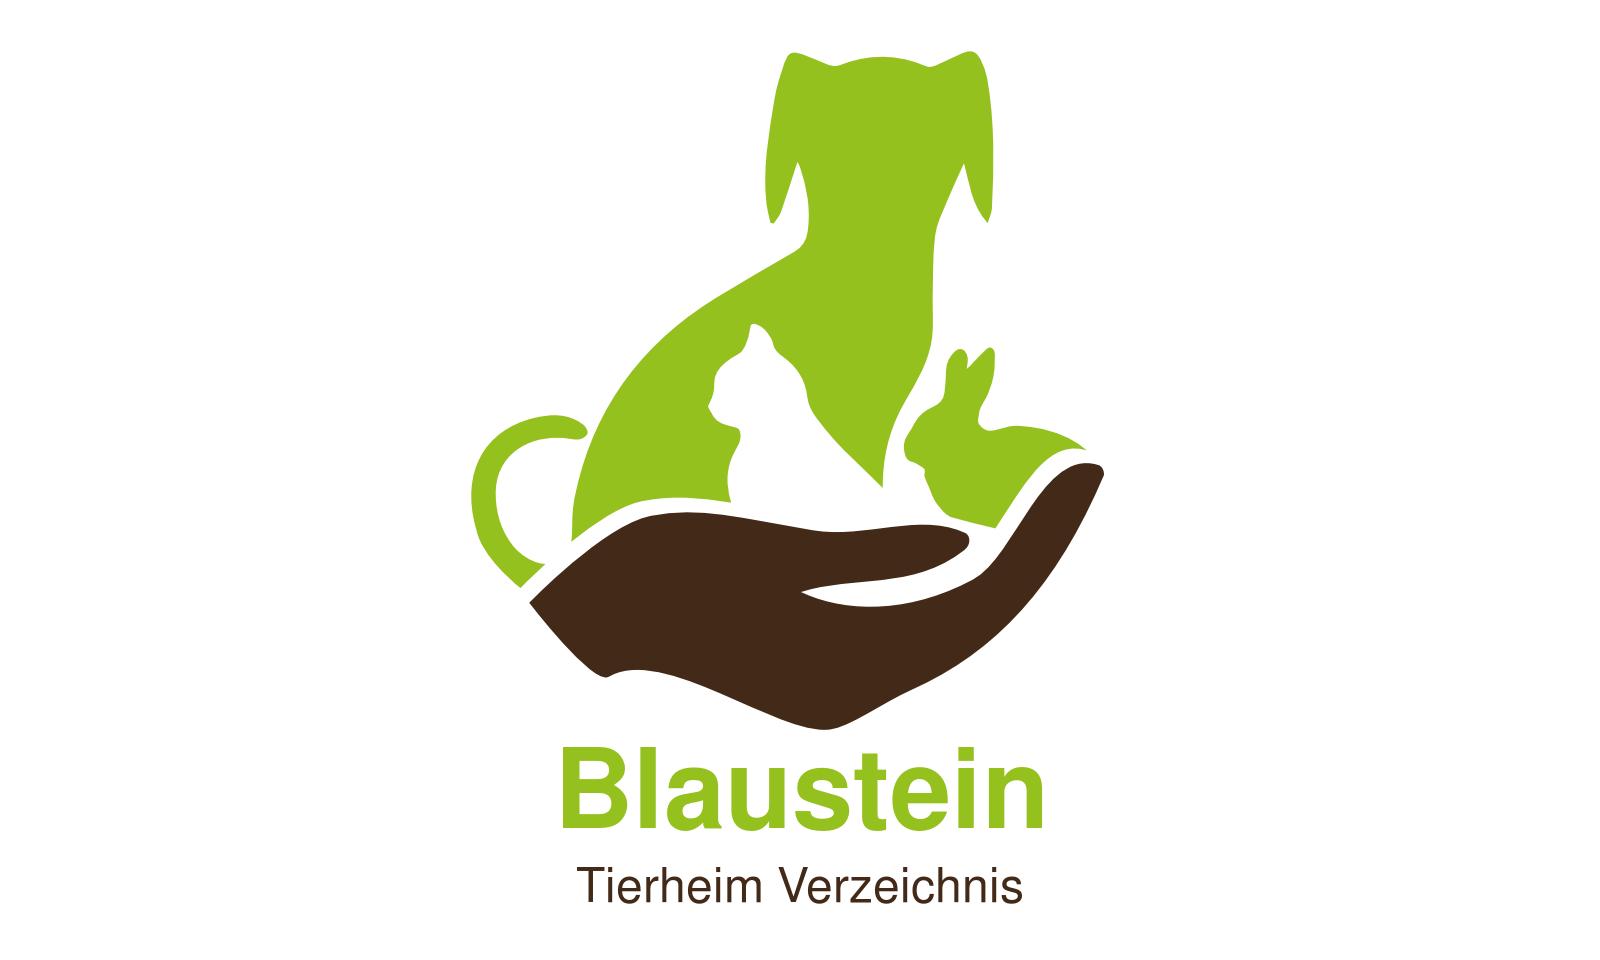 Tierheim Blaustein